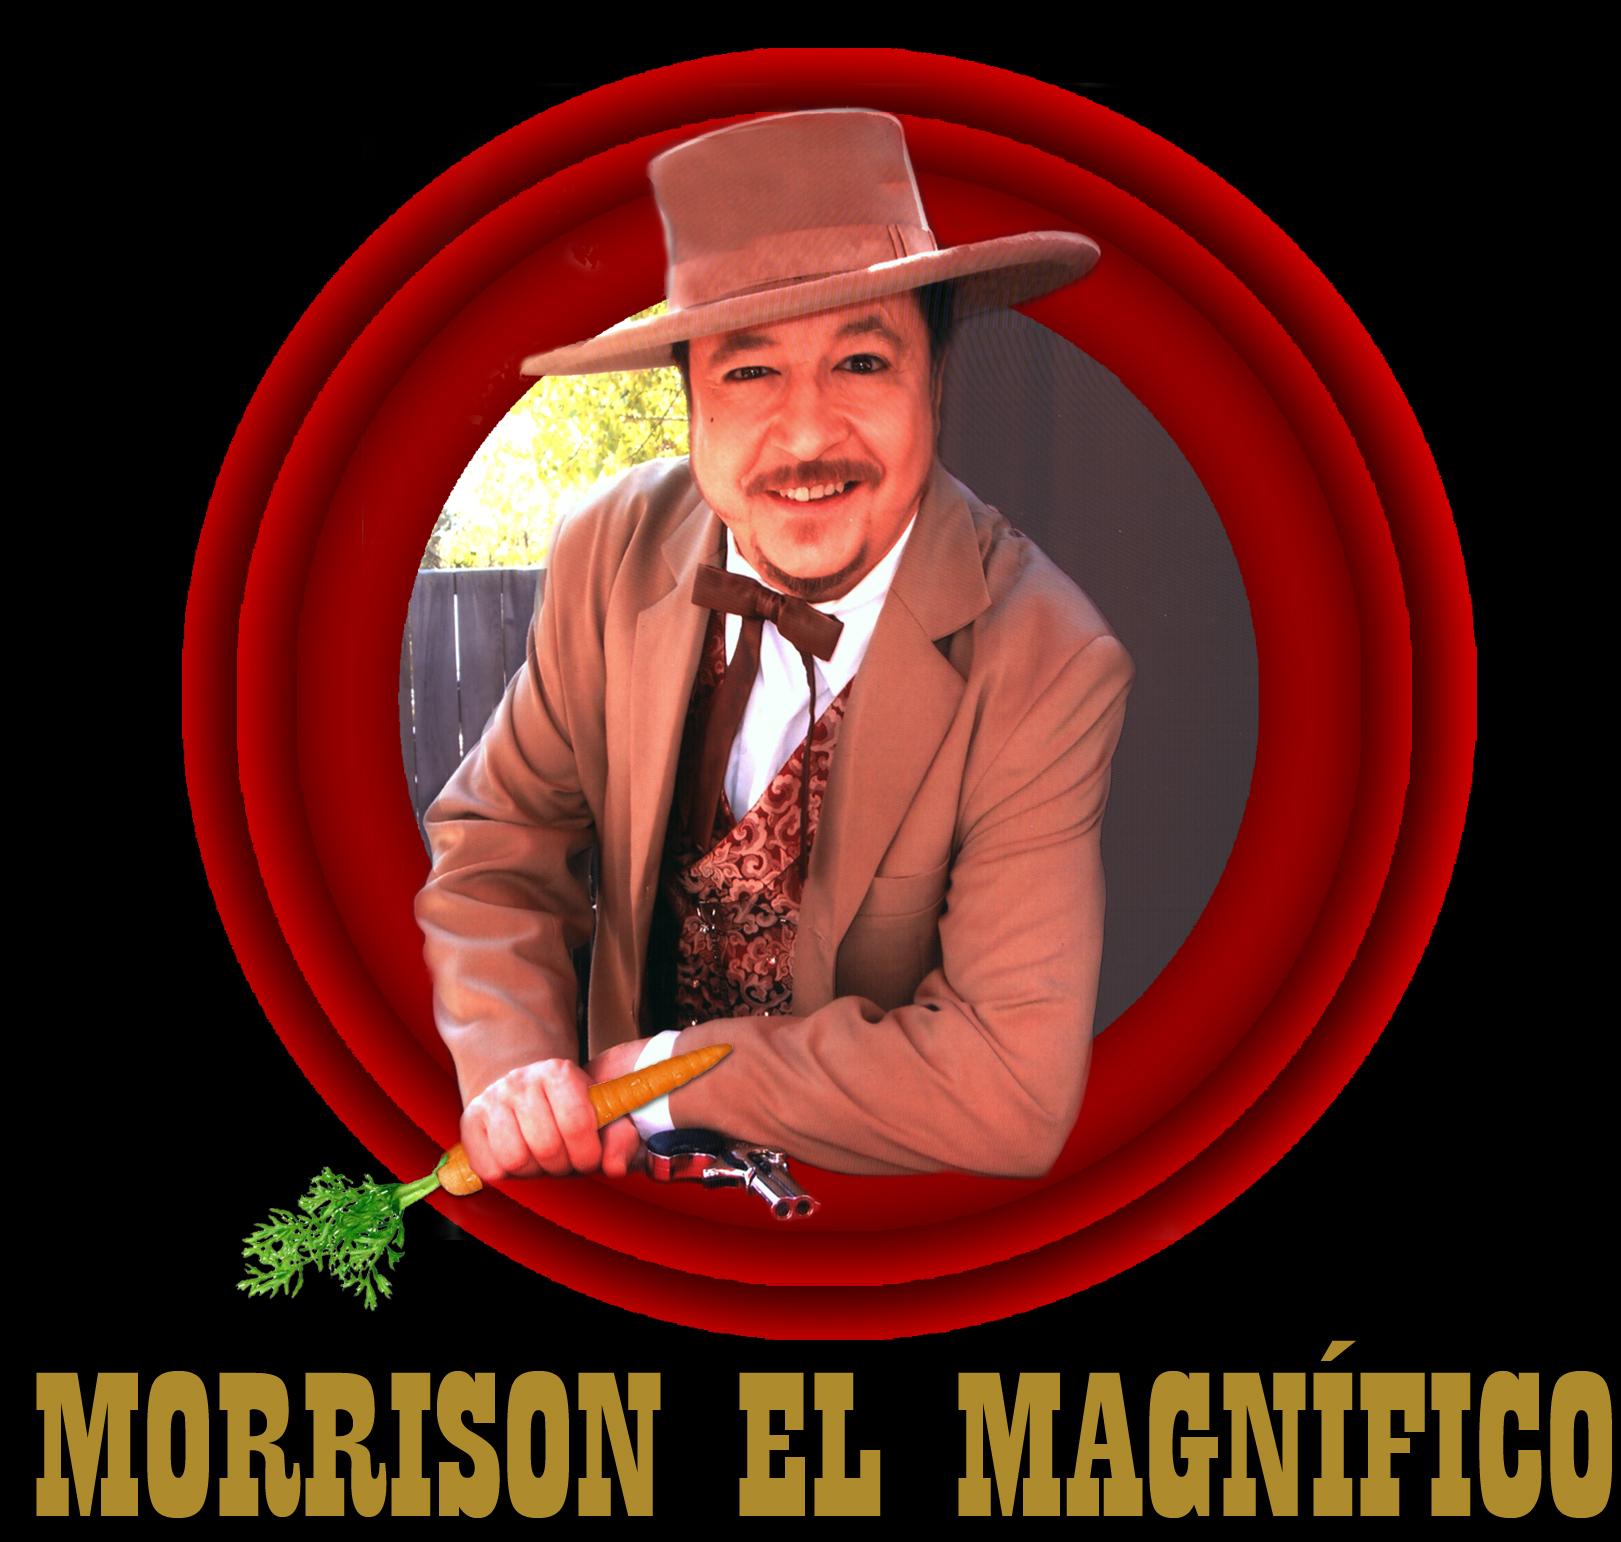 Morrison El Magnífico